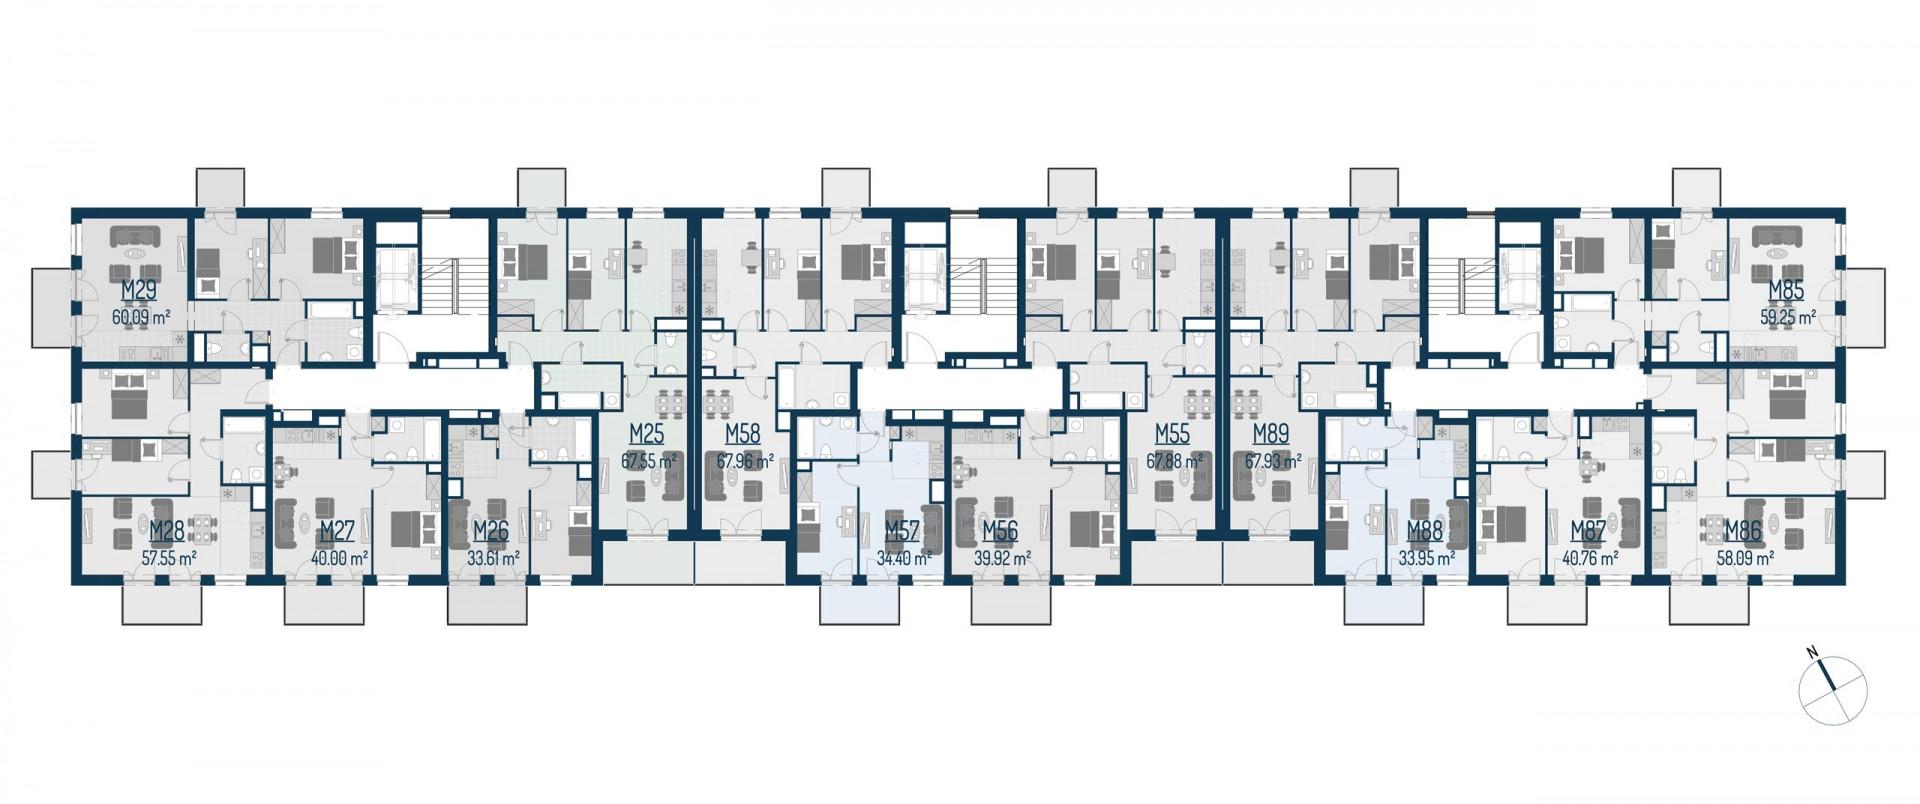 Zdrowe Stylove / budynek 1 / mieszkanie nr M28 rzut 2